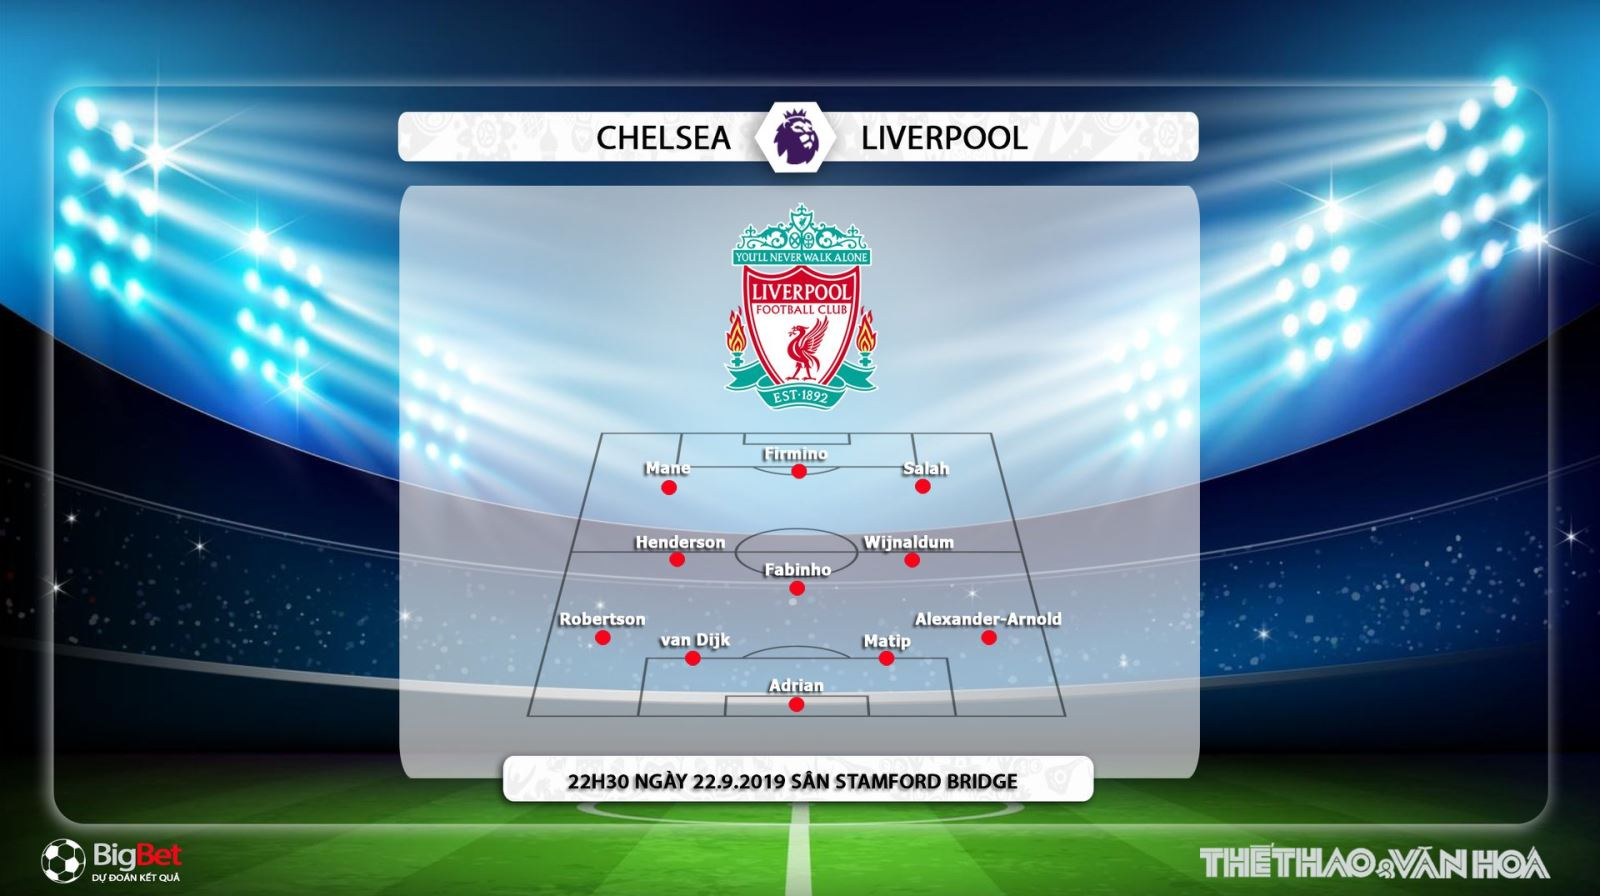 soi kèo bóng đá, Chelsea đấu với Liverpool, truc tiep bong da hôm nay, Chelsea vs Liverpool, trực tiếp bóng đá, K+, K+PM, K+PC, Liverpool Chelsea, xem bóng đá trực tuyến